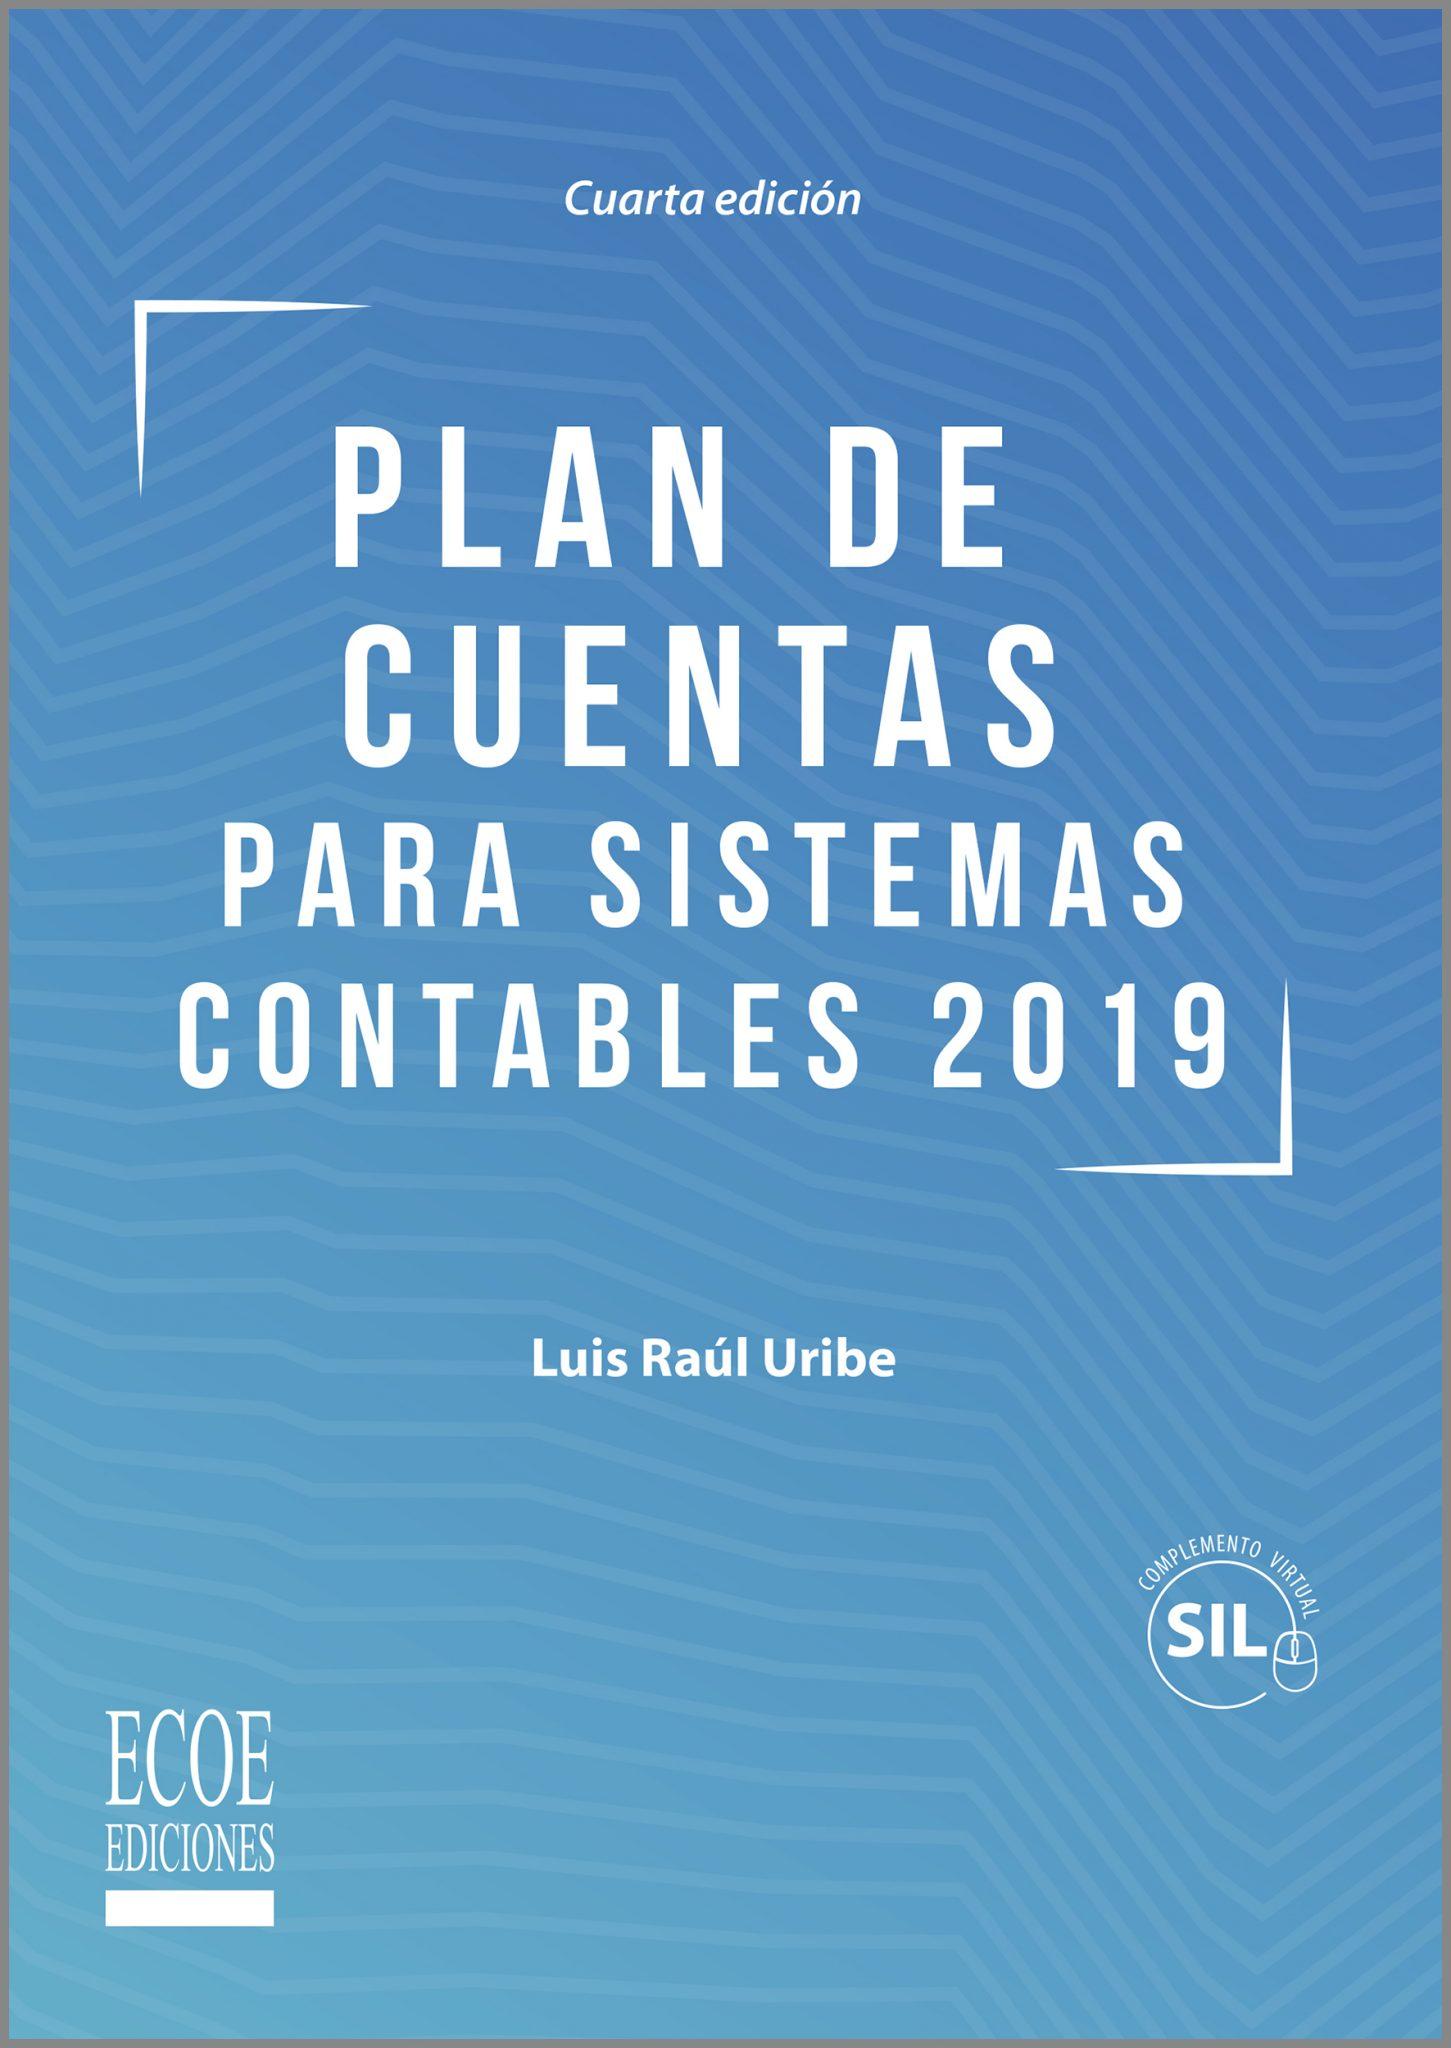 c9c6b308591e Plan de cuentas para sistemas contables 2019